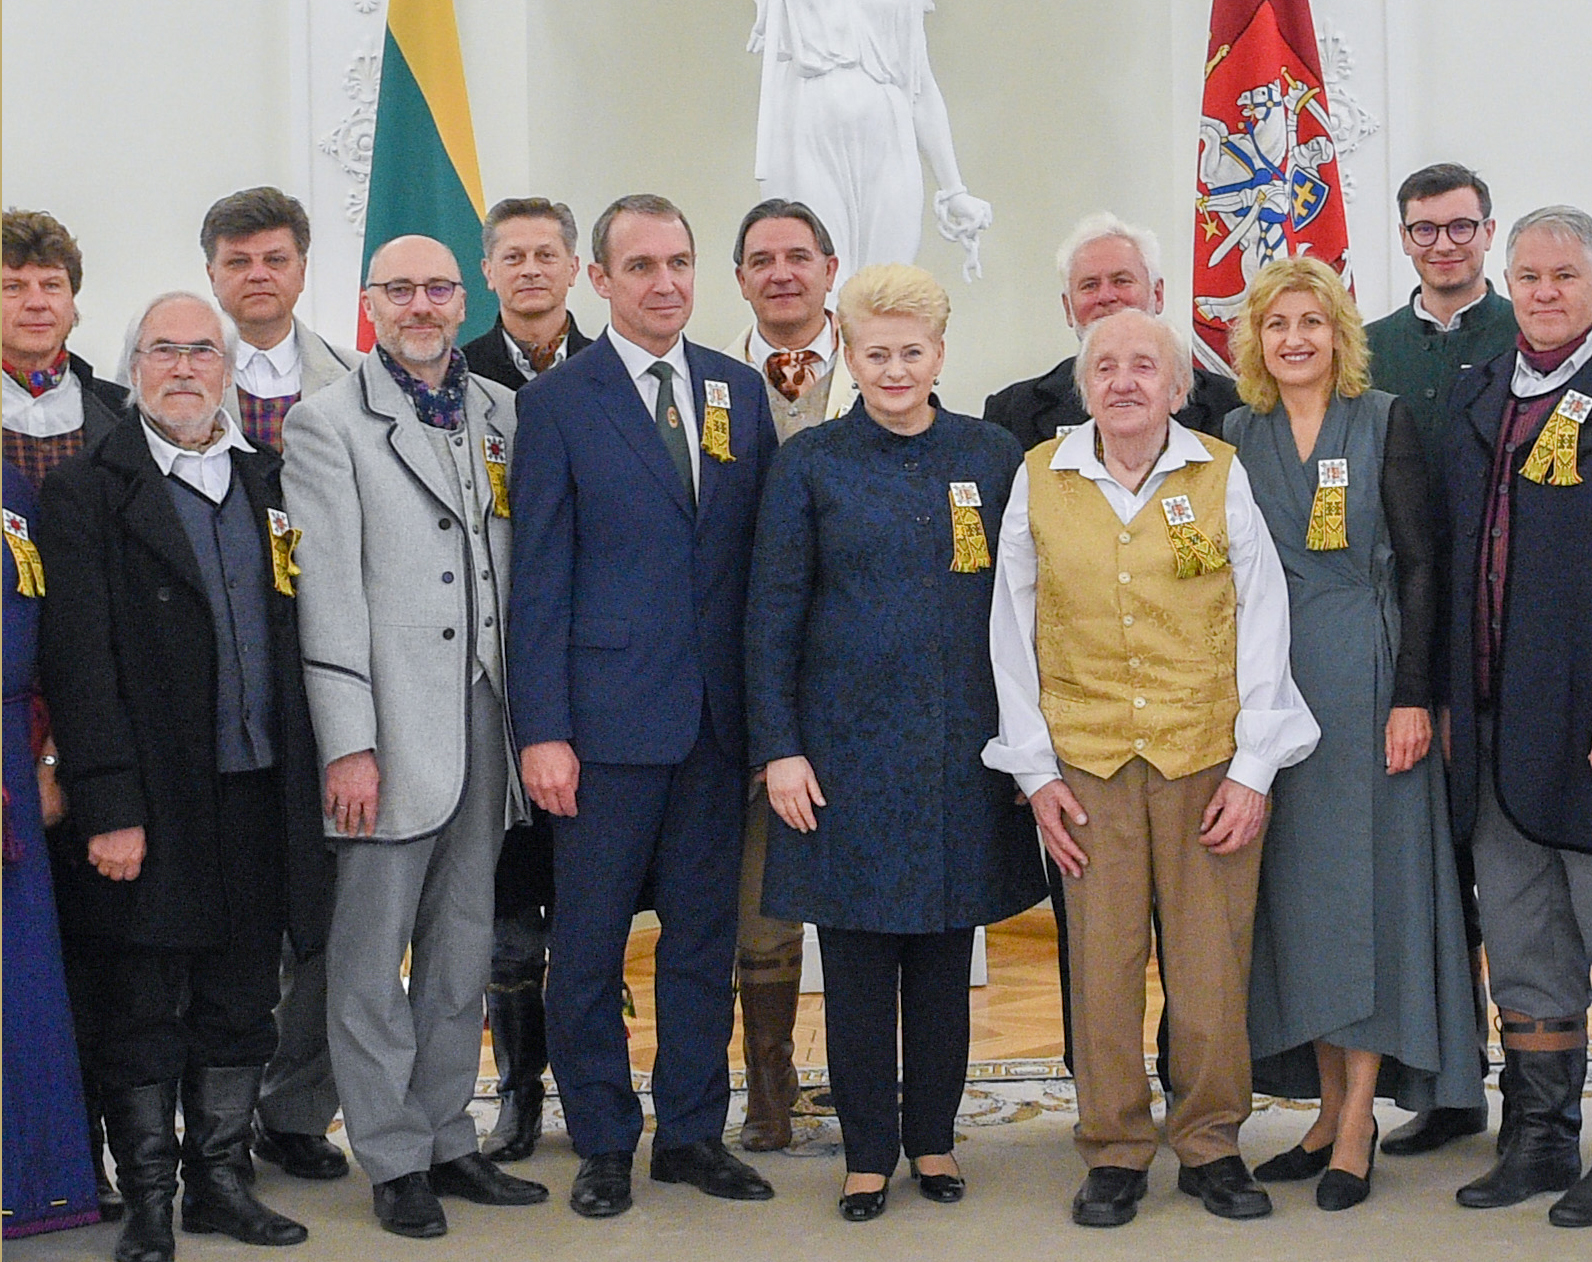 Paskelbta šimtmečio Dainų šventės pradžia | lrp.lt, R. Dačkaus nuotr.